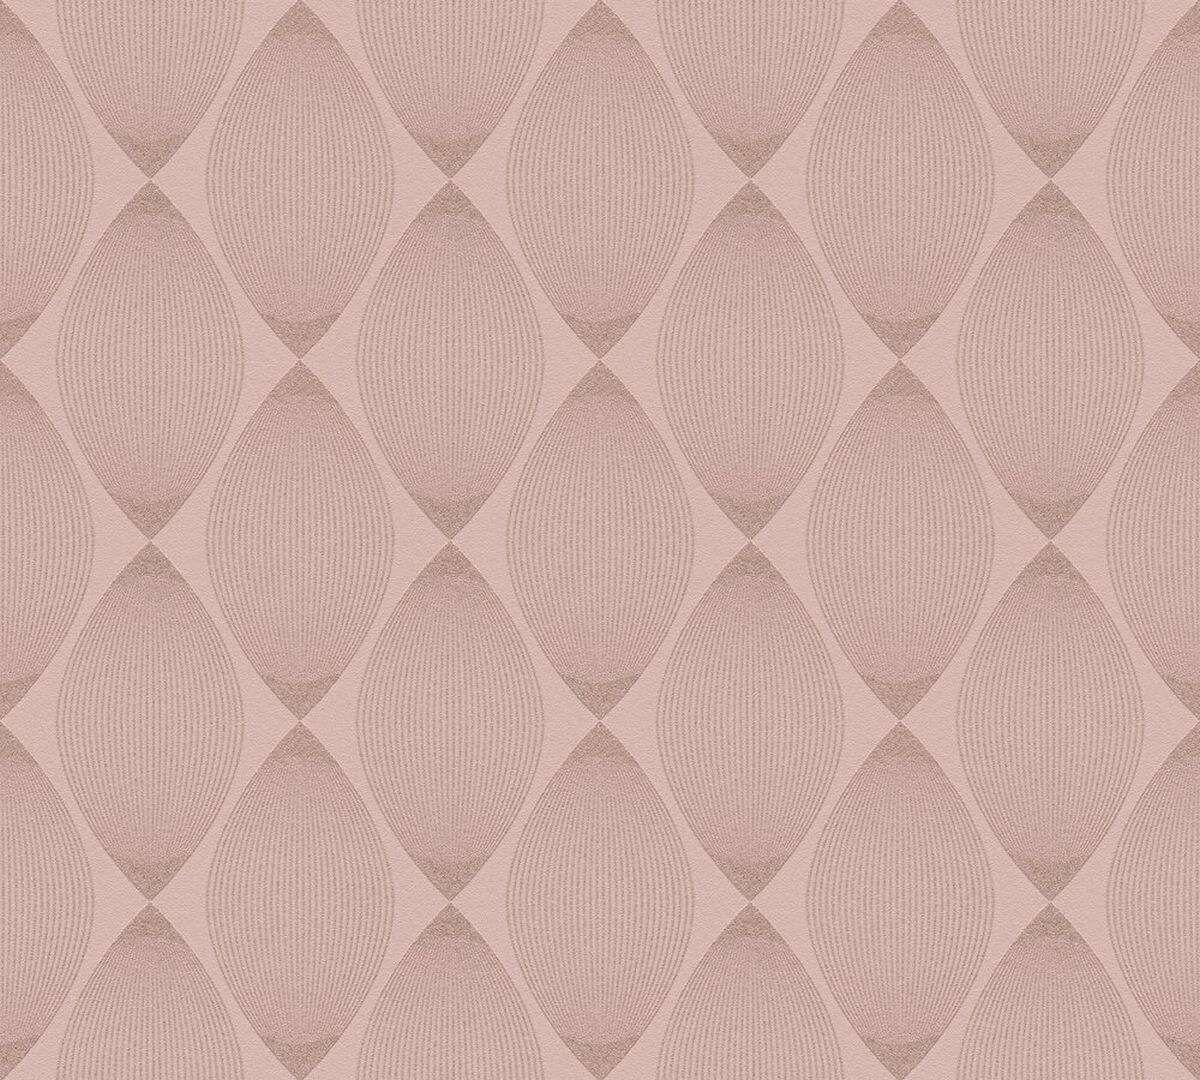 Esprit Home Vliestapete Esprit 13 Rot Rosa Metallic Muster Oval 357143 Tapete Hier Gunstig Kaufen Nur 15 53 Tapeten Vlies Geometrisch